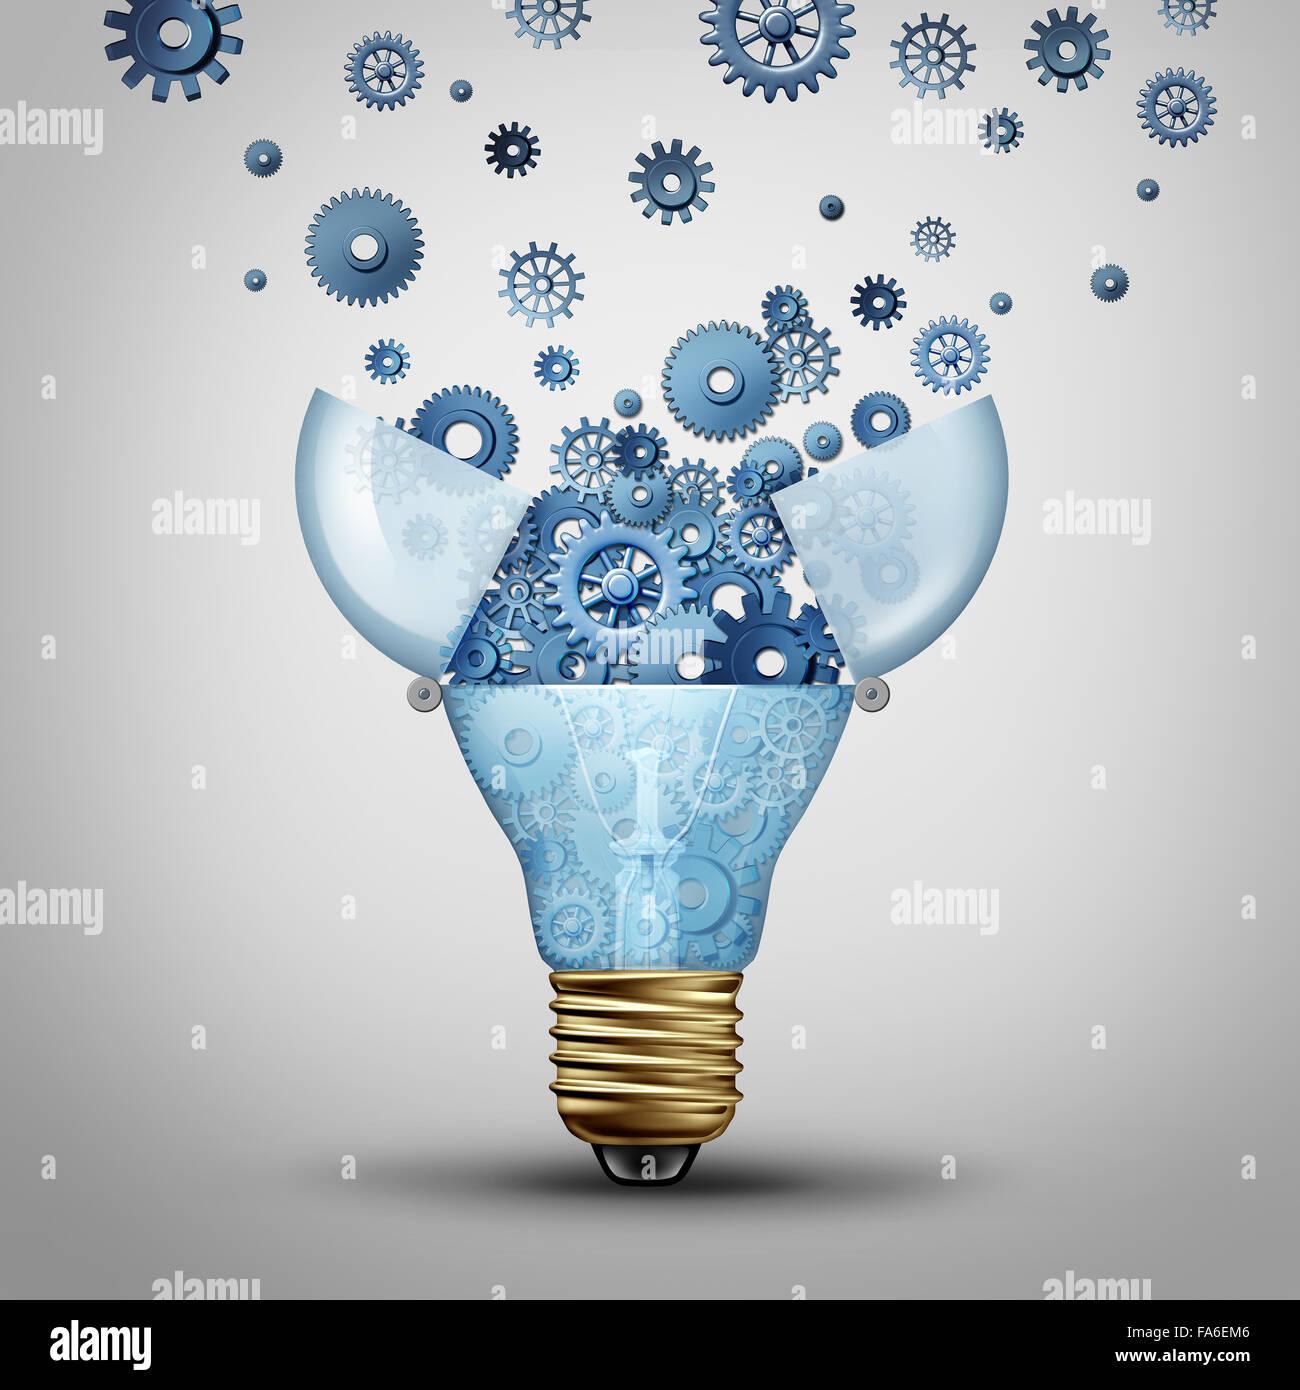 Kreative Kommunikationslösung und clevere Marketing-Ideen durch den Vertrieb als eine offene Glühbirne Stockbild